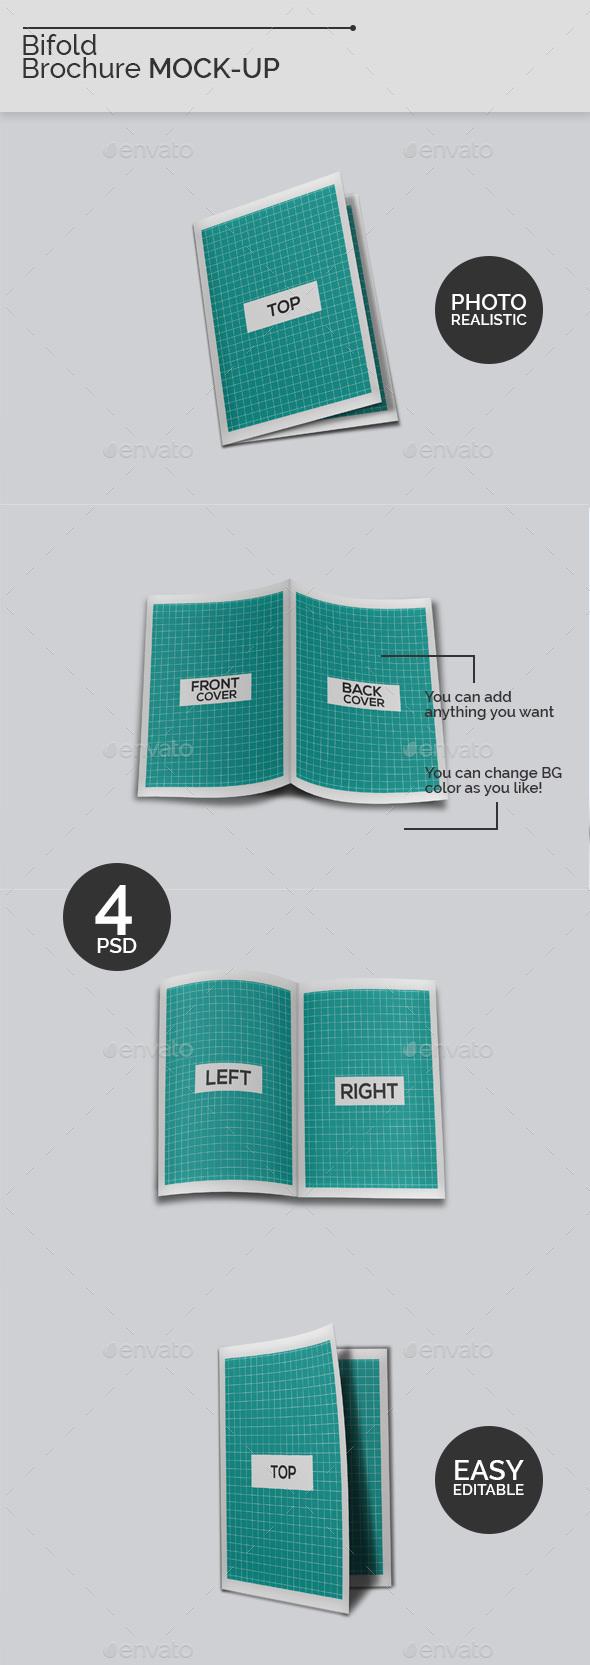 Bifold Borchure Mock-Ups V2 - Brochures Print